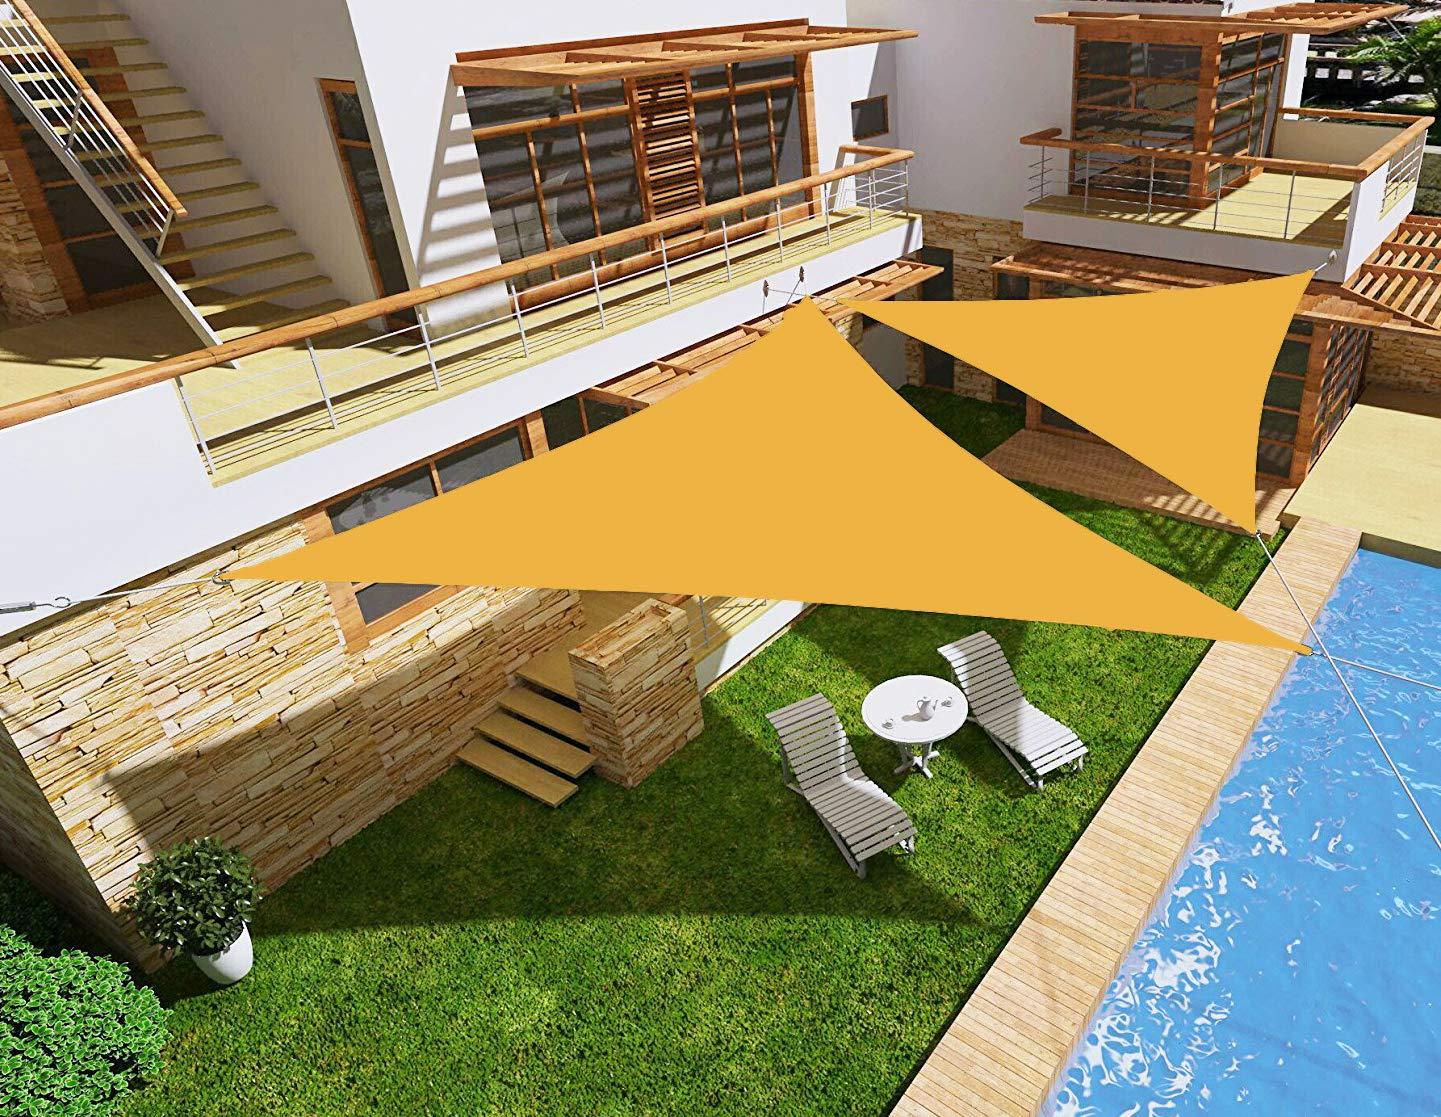 HENG FENG Toldo Vela de Sombra Impermeable Triangular 3 x 3 x 3 m Protección Rayos UV PES Repelente del Agua Resistente a la Intemperie para Patio Exteriores Jardín Color Arena: Amazon.es: Jardín